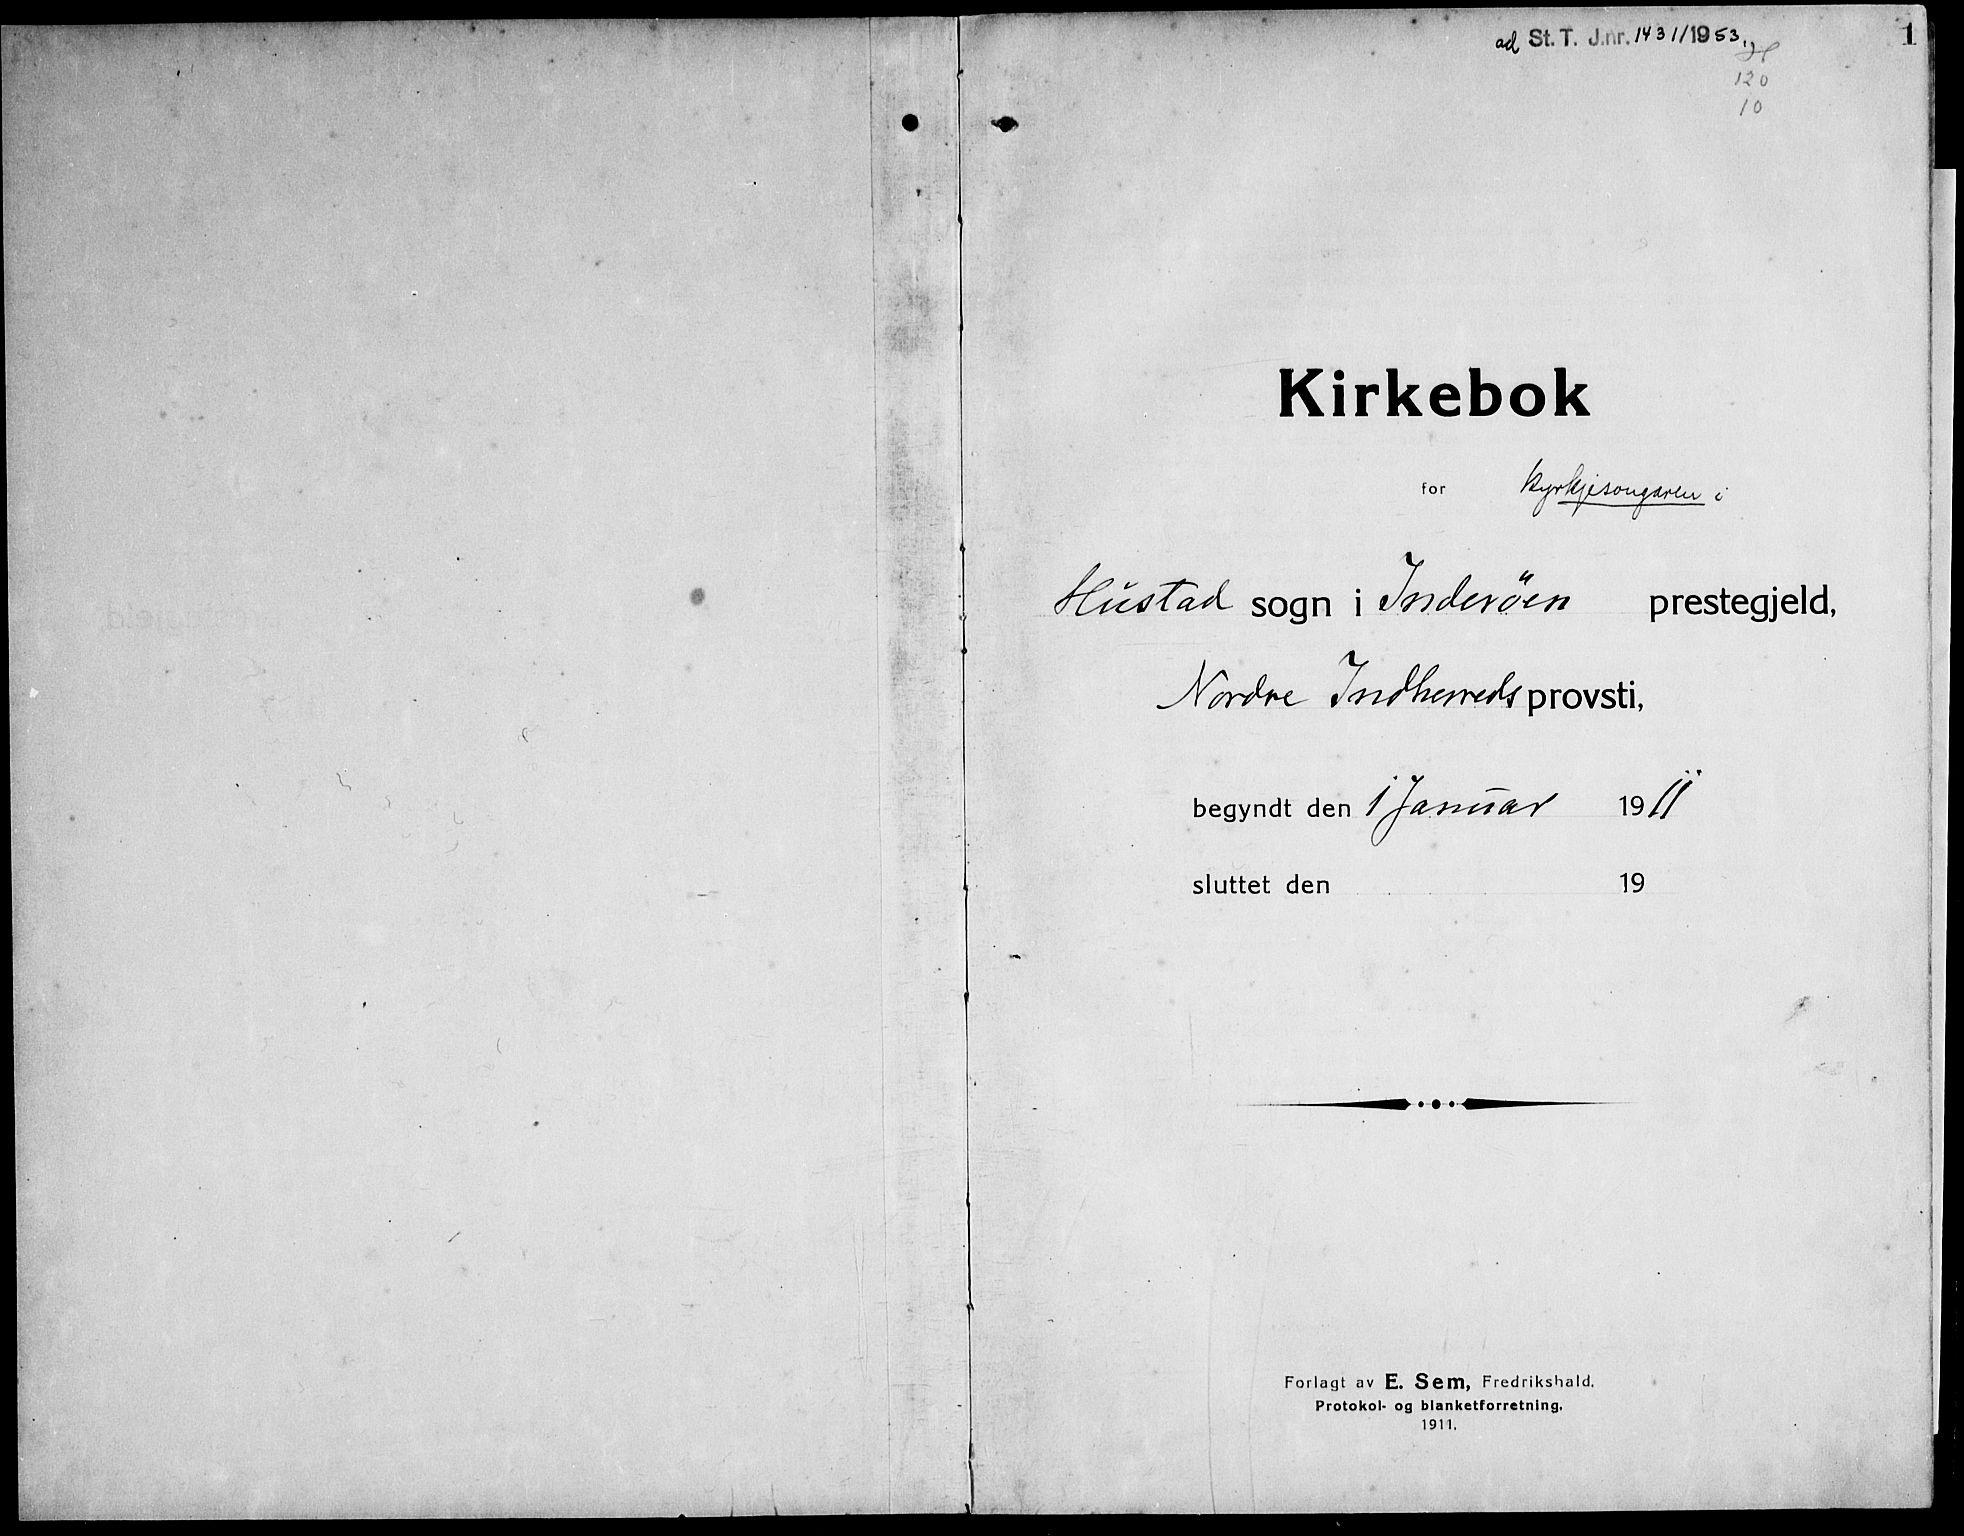 SAT, Ministerialprotokoller, klokkerbøker og fødselsregistre - Nord-Trøndelag, 732/L0319: Klokkerbok nr. 732C03, 1911-1945, s. 1